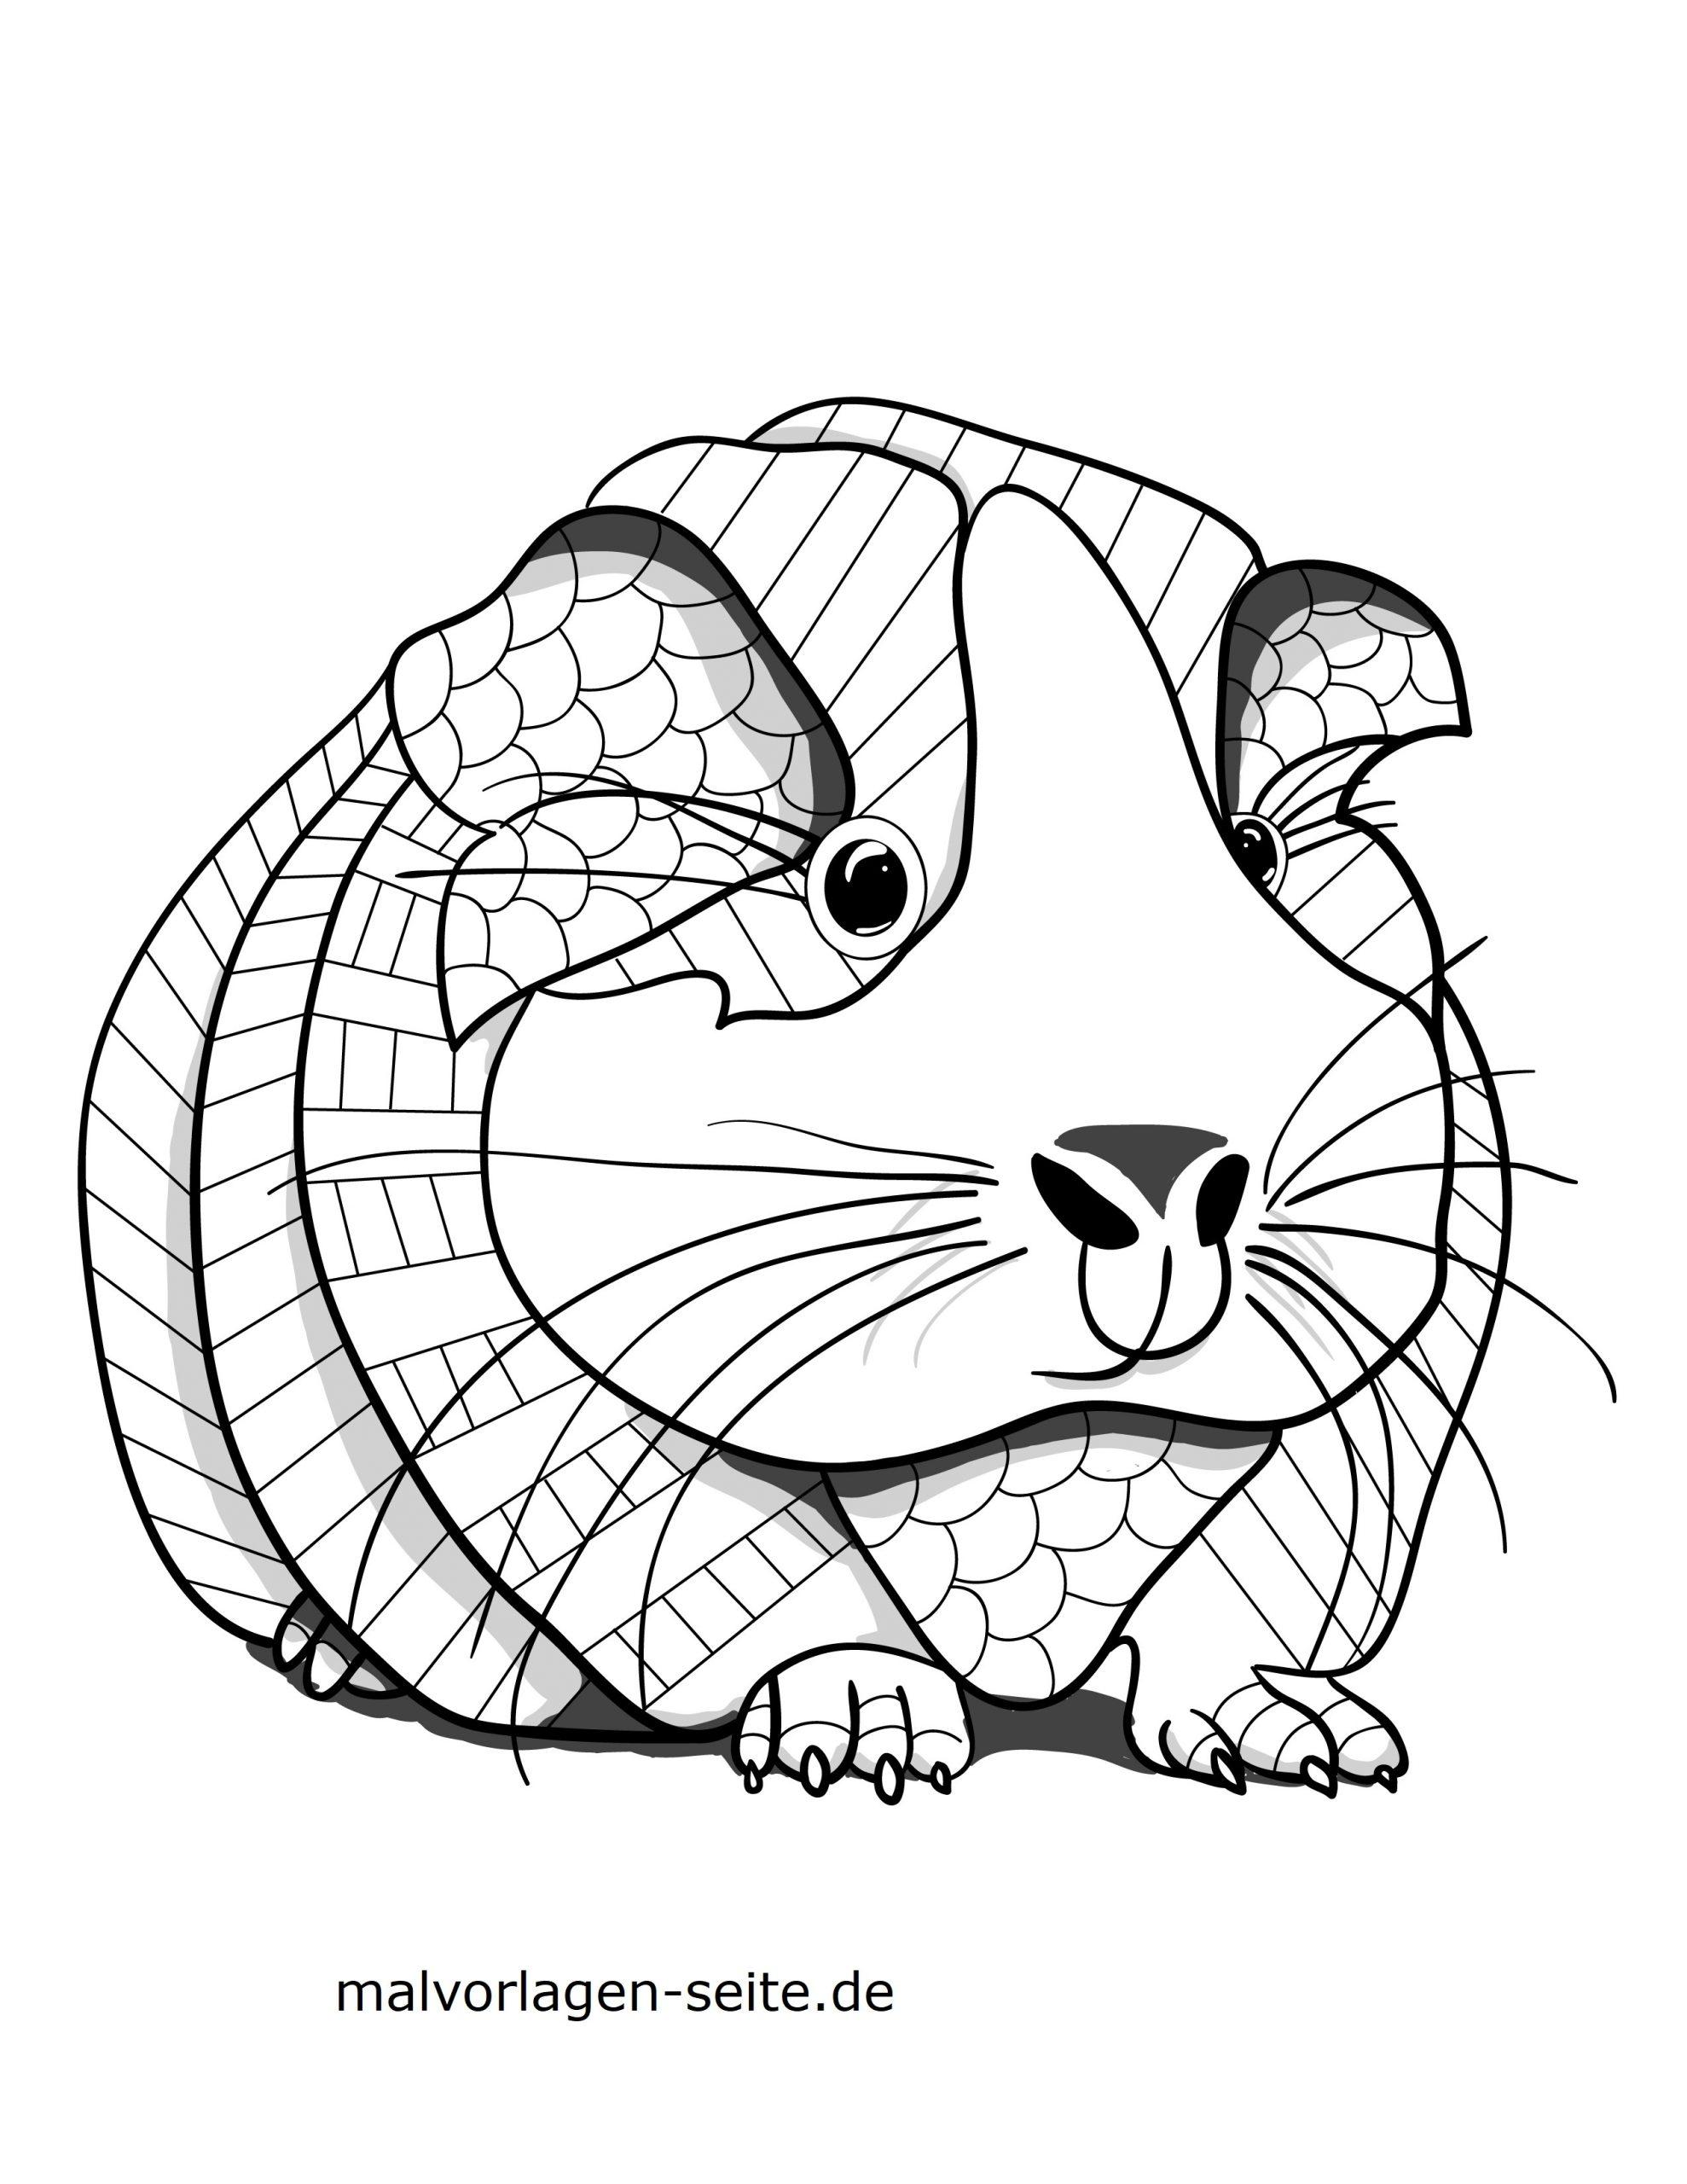 Malvorlage Tiermandala Meerschweinchen | Tiere Mandalas innen Meerschweinchen Bilder Zum Ausmalen